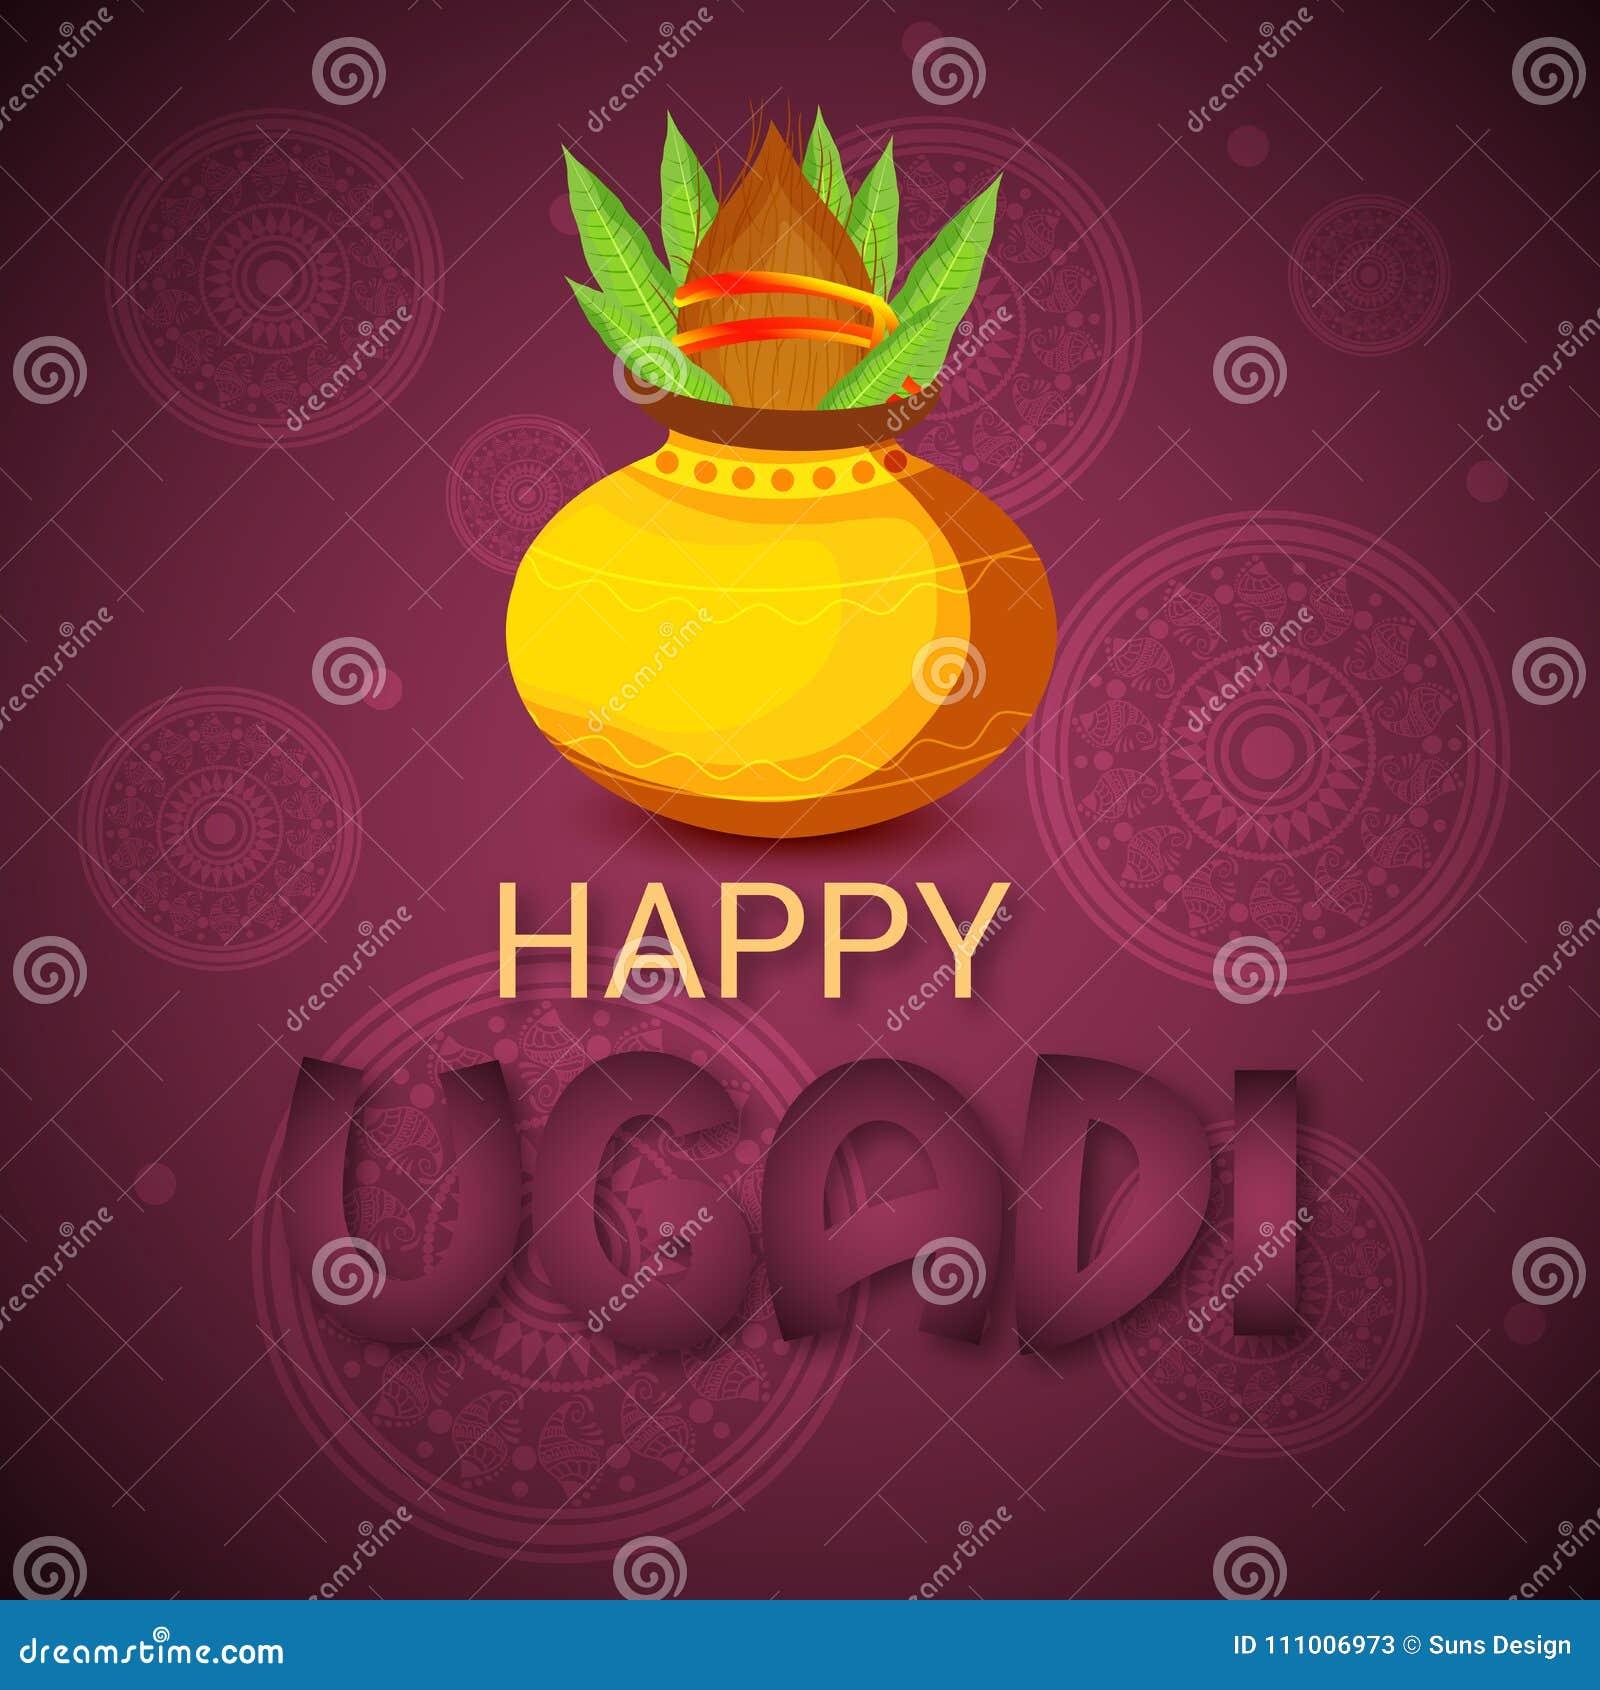 Happy ugadi hindu new year stock illustration illustration of illustration of a background for happy ugadi hindu new year m4hsunfo